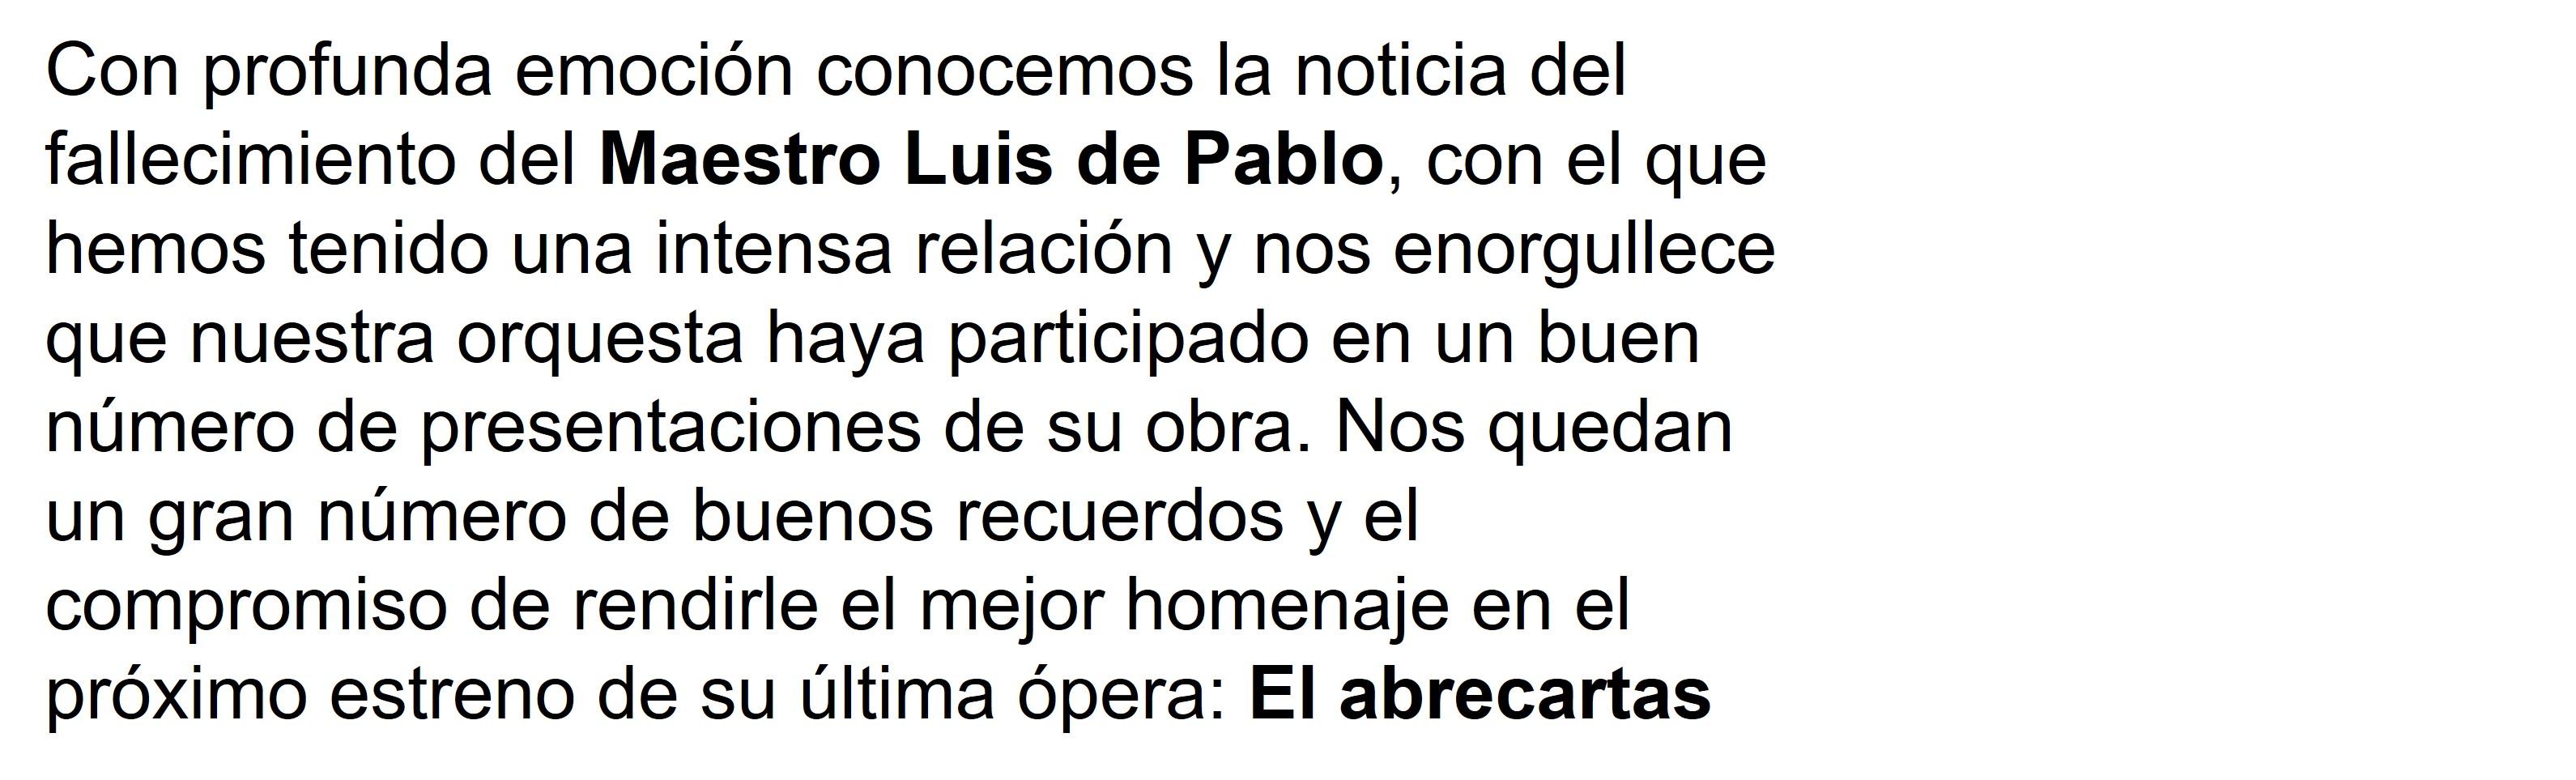 FALLECE EL MAESTRO LUIS DE PABLO